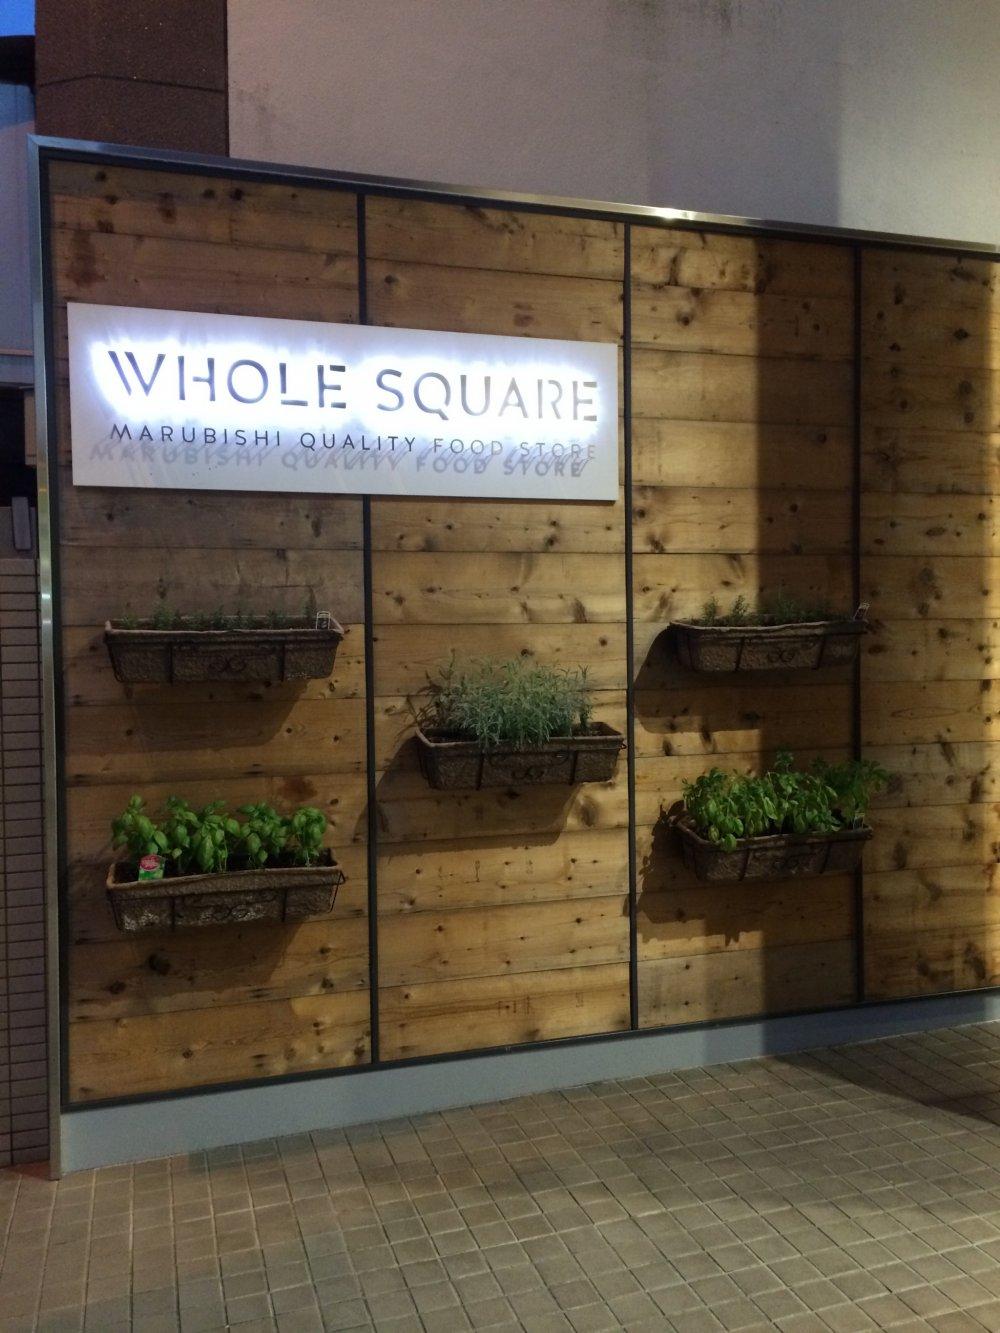 Của hàng Whole Square được bọc bên ngoài bằng ngoại thất Scandinavia.